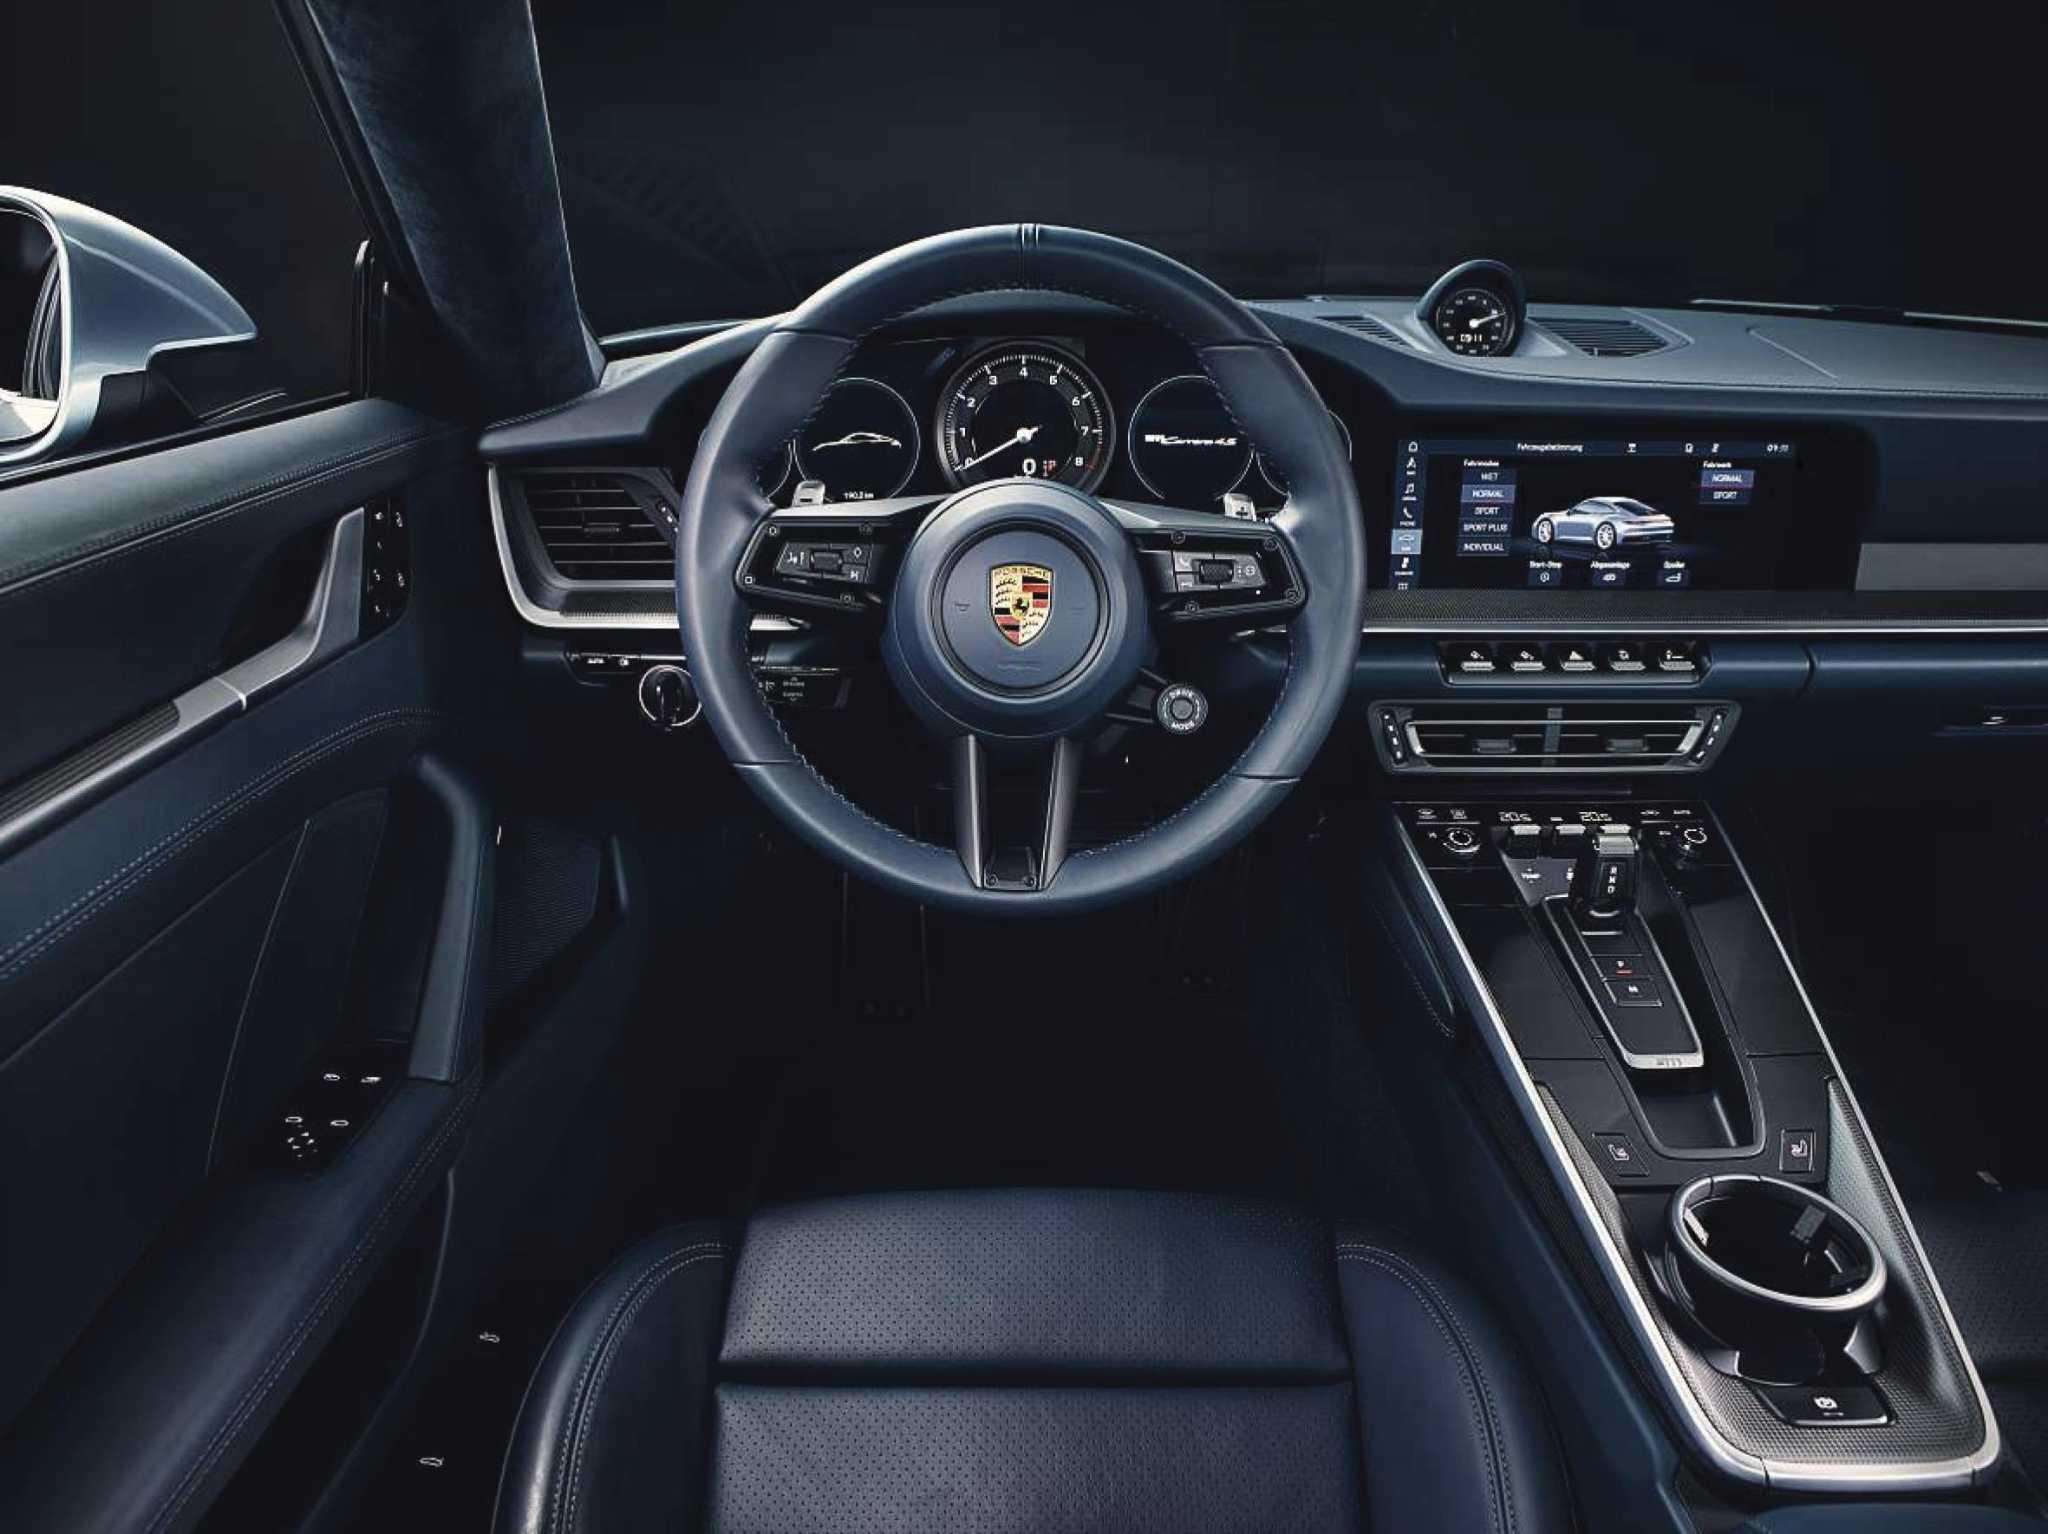 Porsche takes wraps off all-new 2020 911